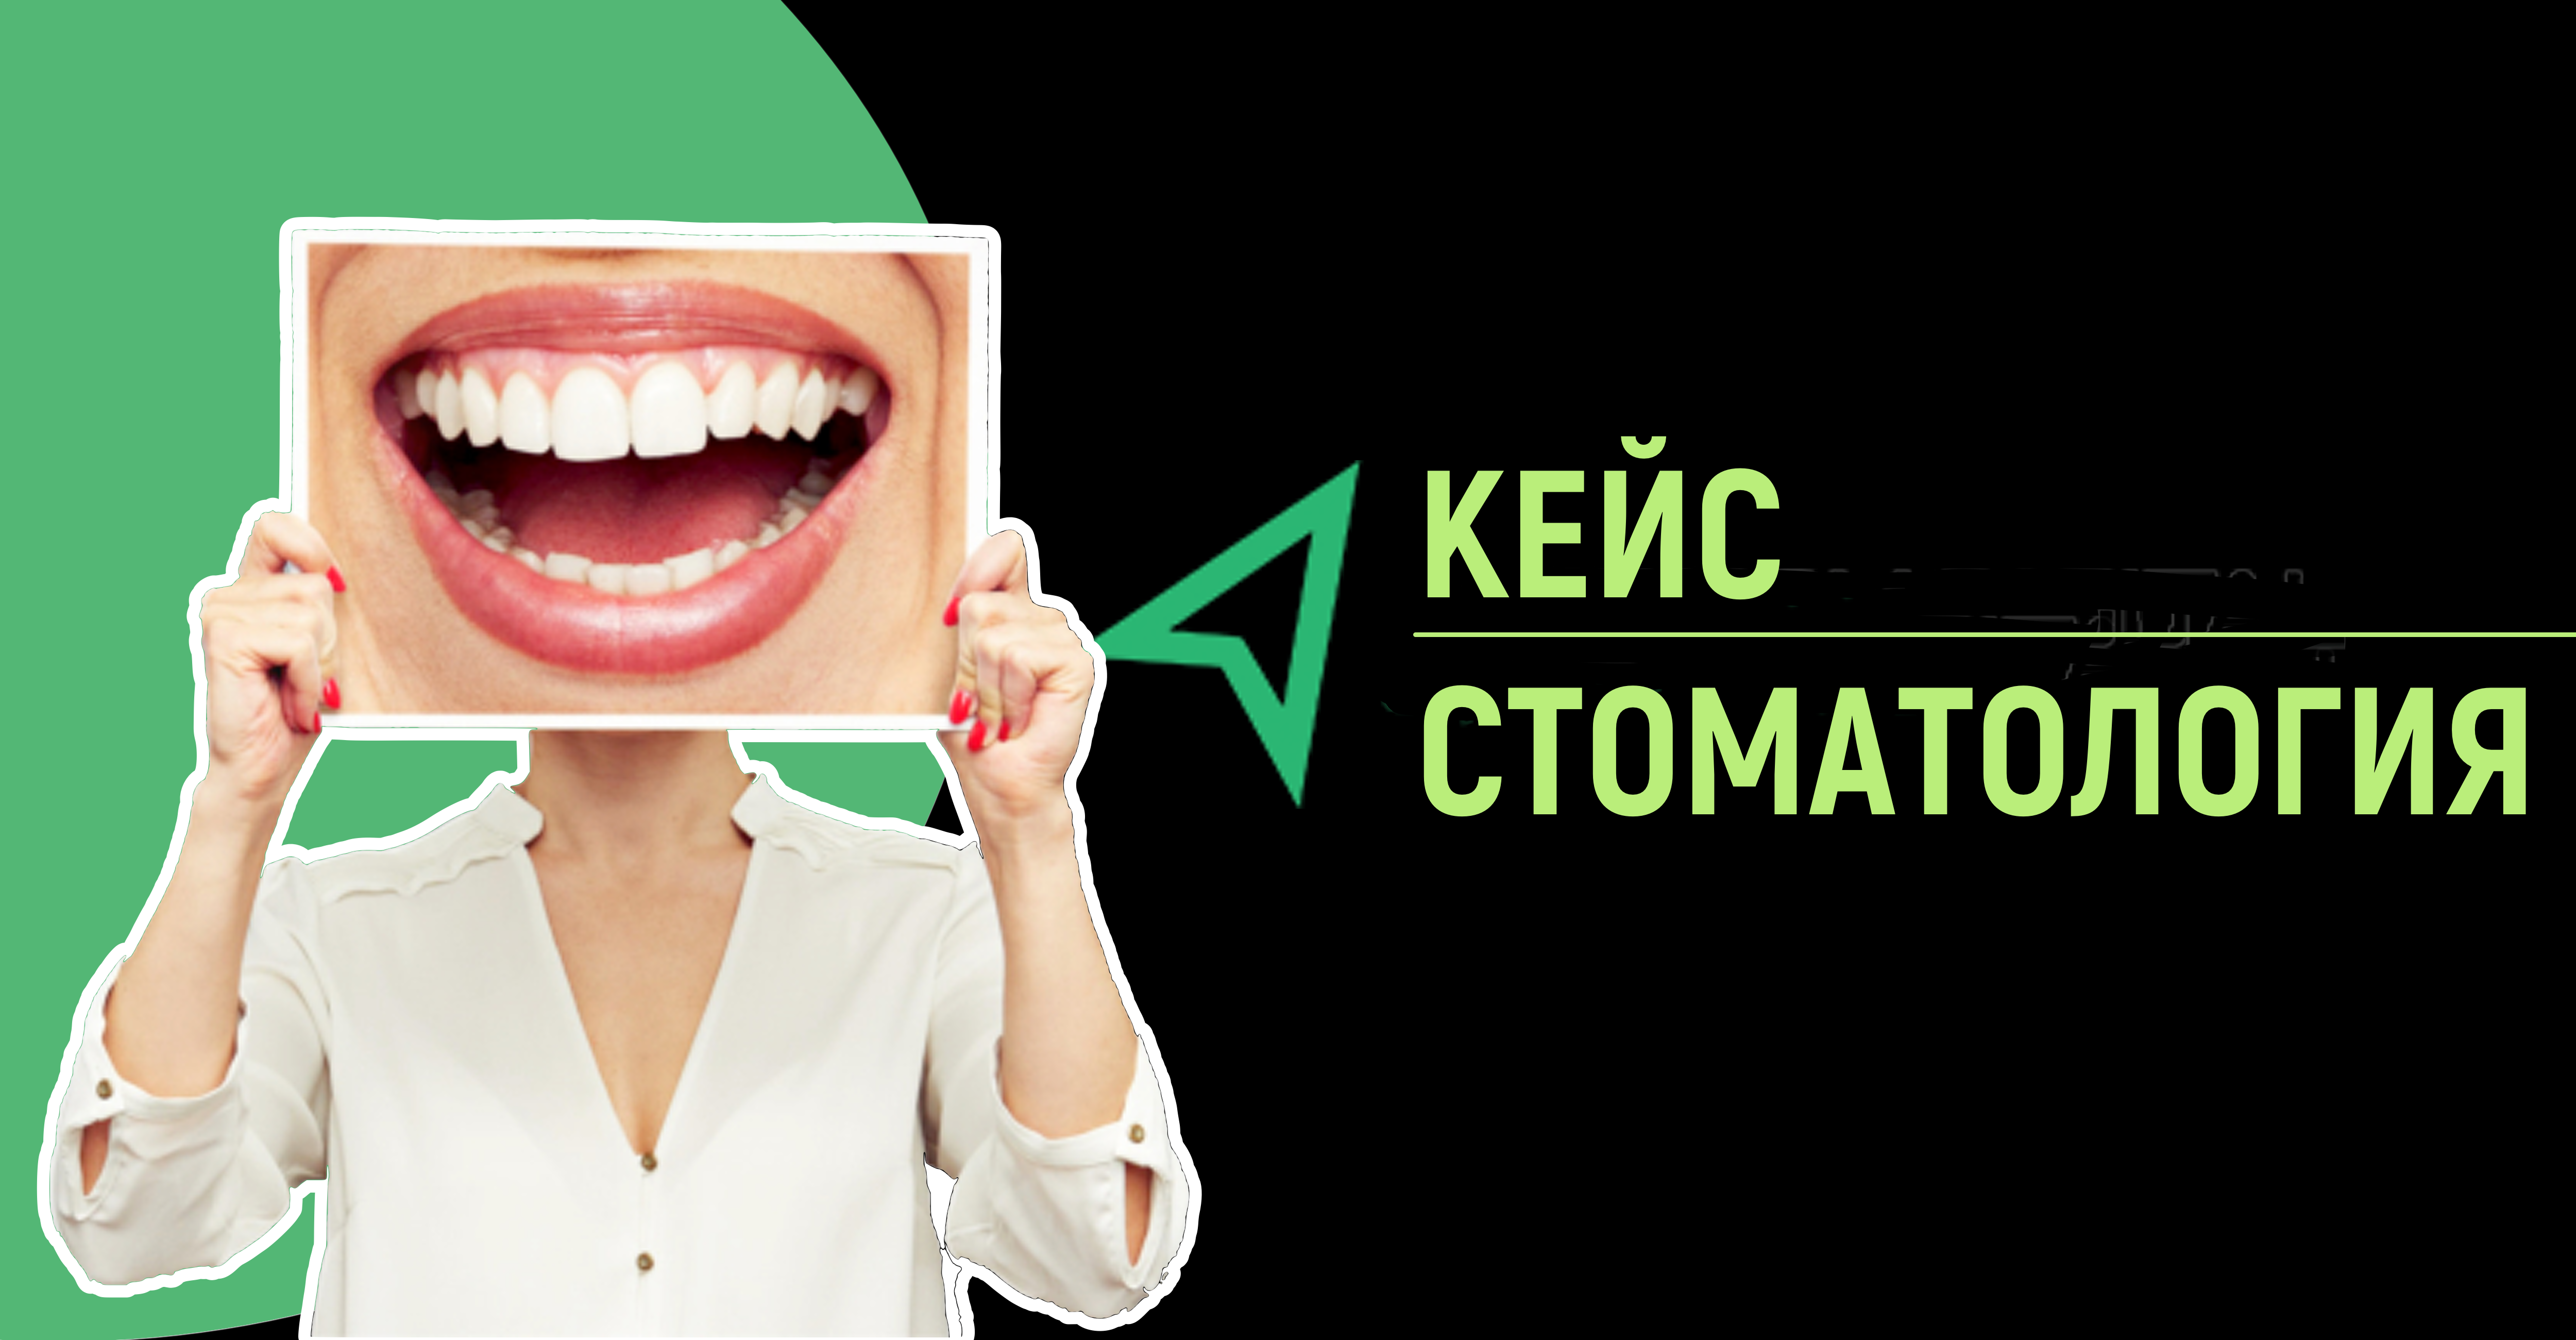 Кейс: Стоматология